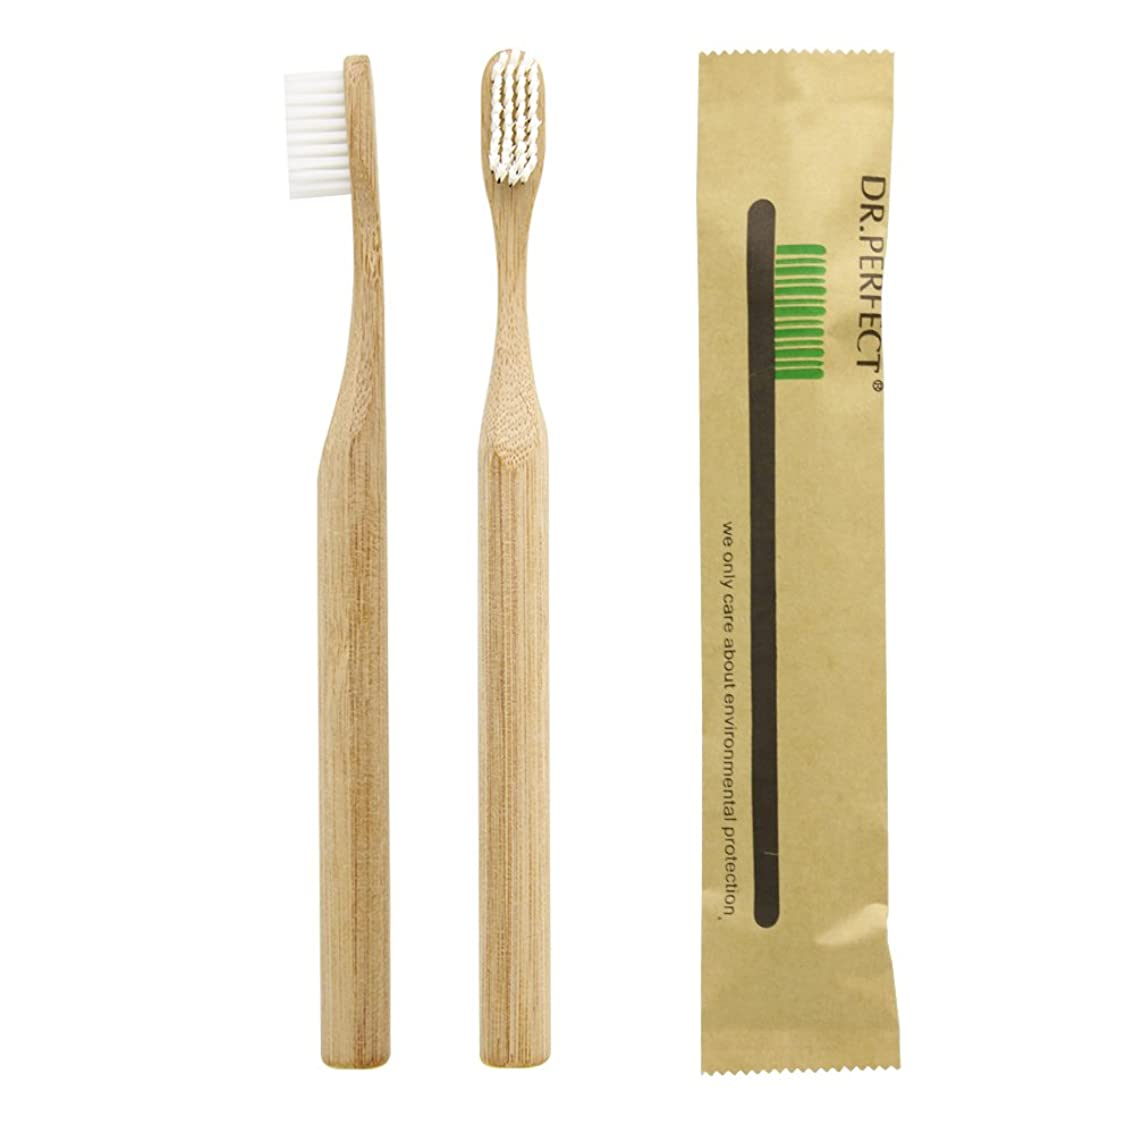 歯痛平行息を切らしてDr.Perfect Bamboo Toothbrush アダルト竹の歯ブラシ ナイロン毛 環境にやさしい製品 (ホワイト)